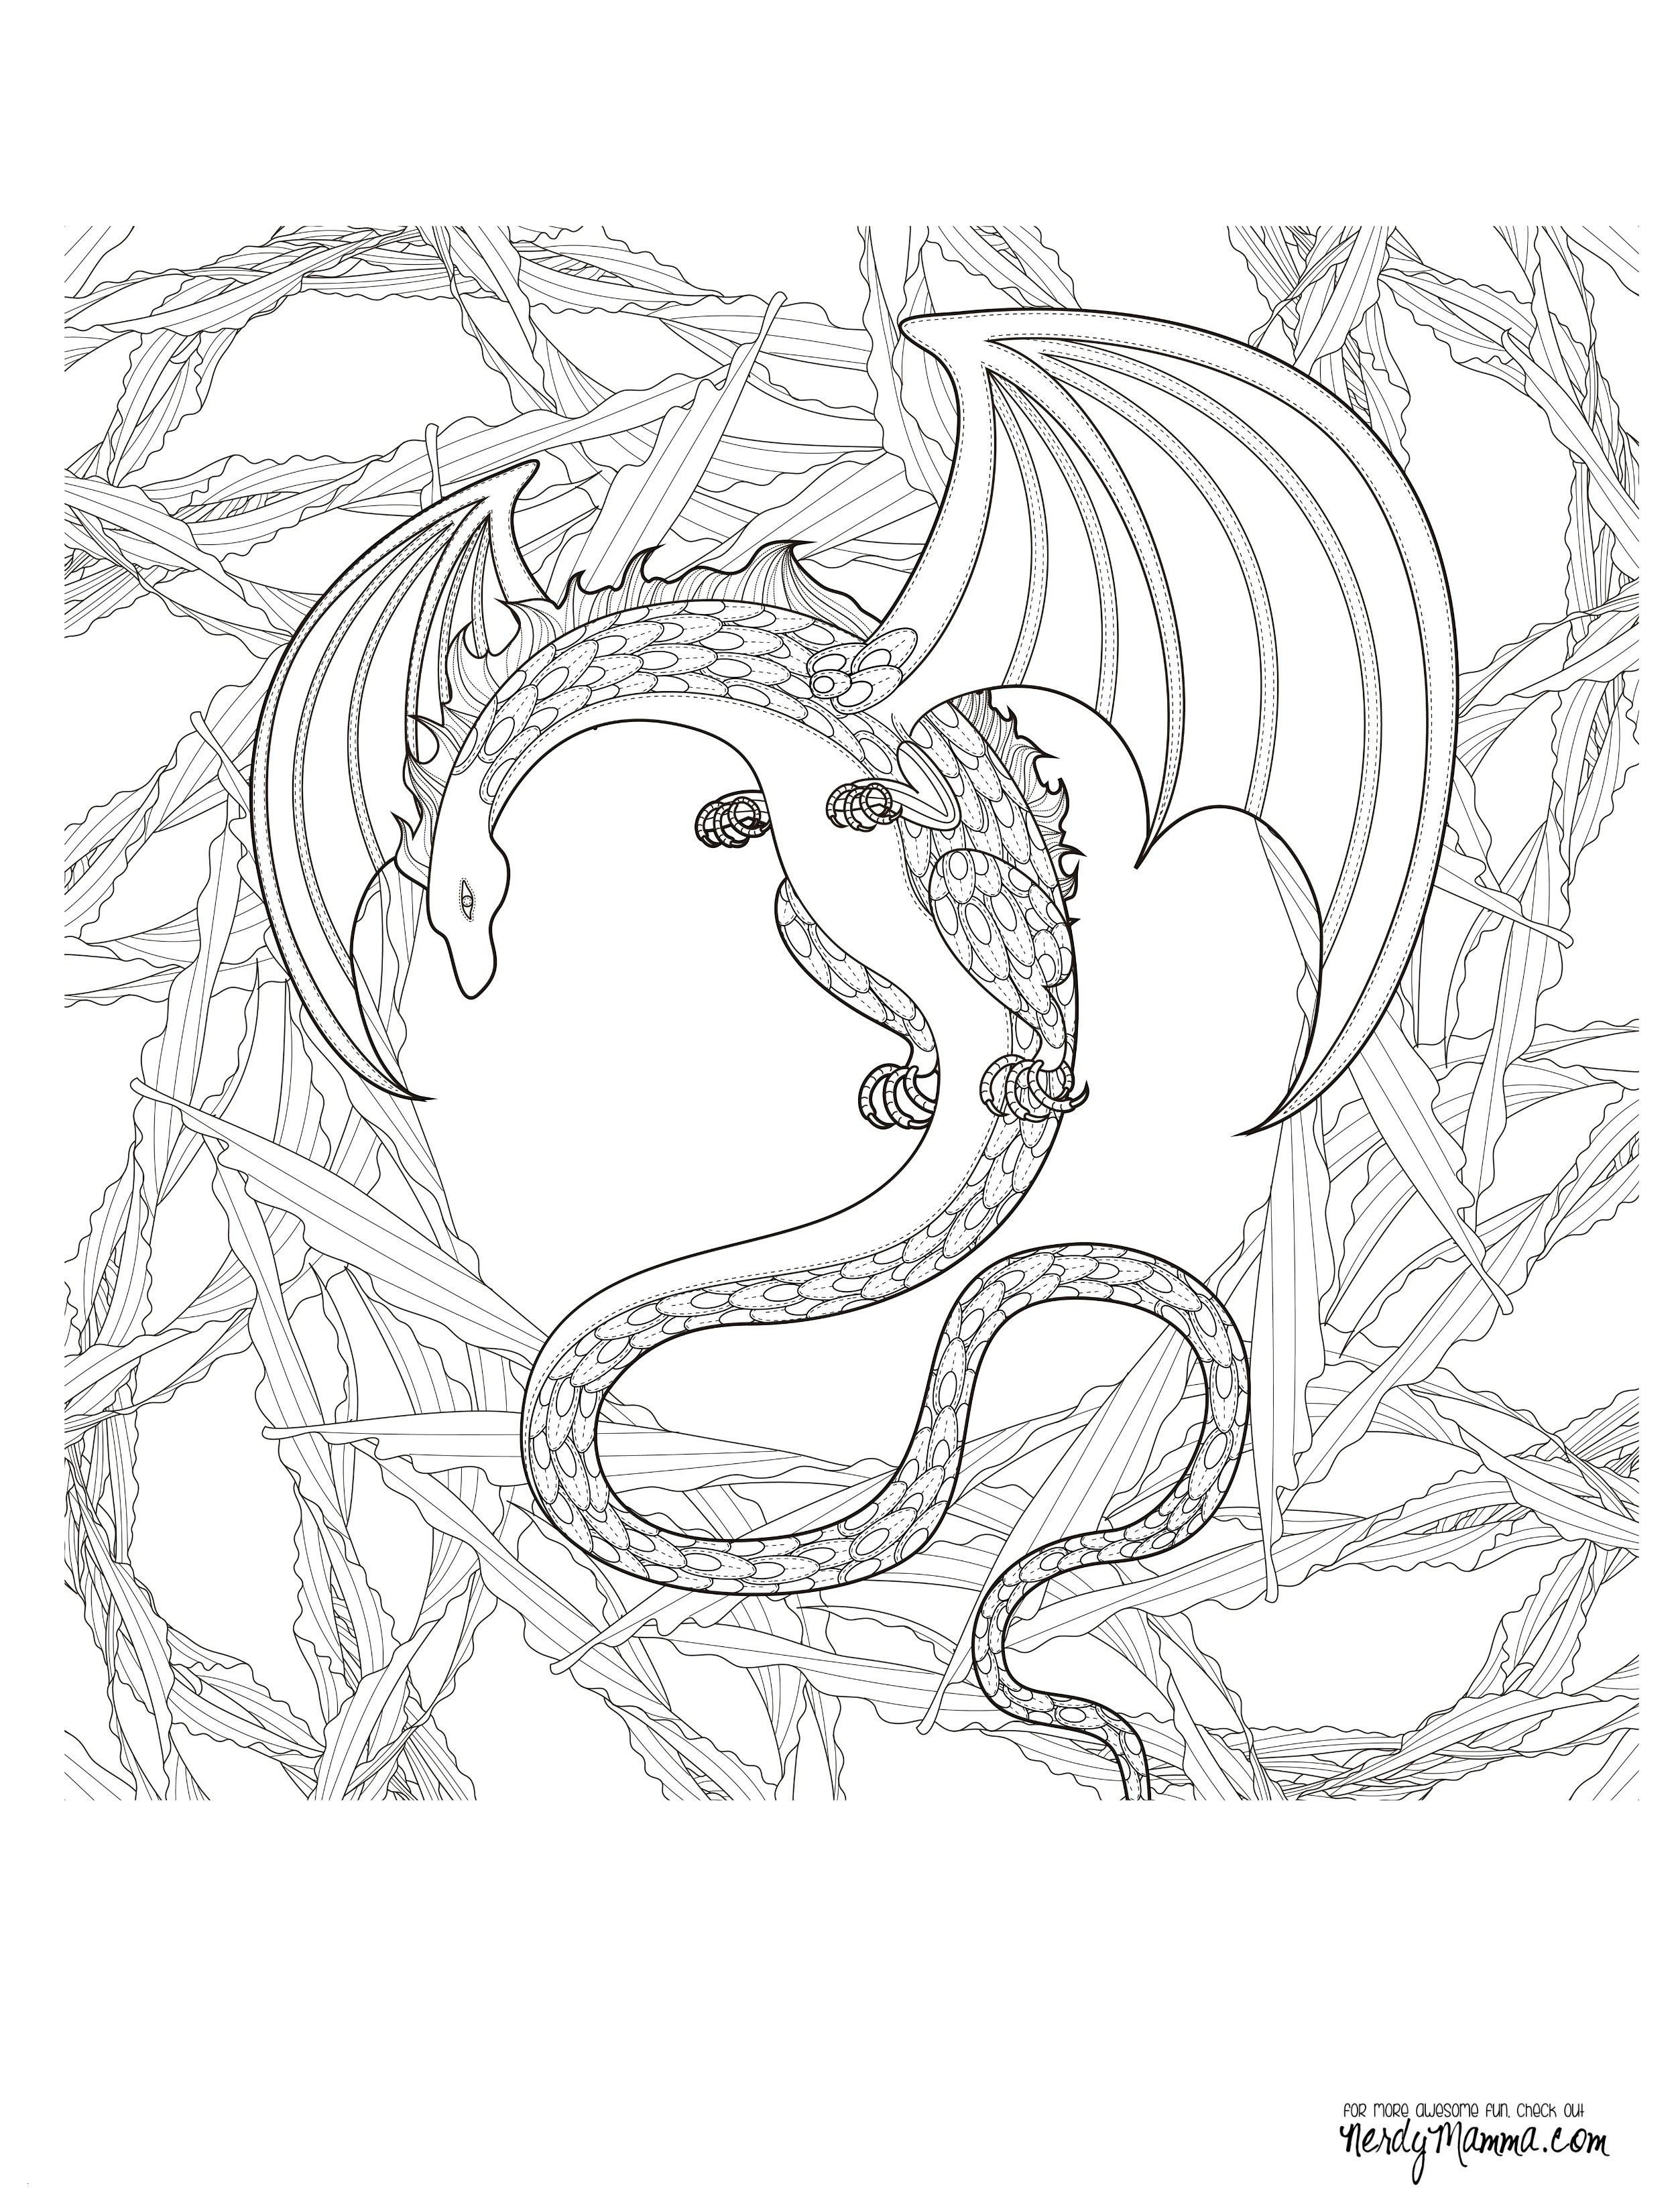 Haus Mit Garten Ausmalbild Inspirierend Ausmalbilder Mandala Eule Schön Malvorlagen Für Erwachsene Elegant Das Bild